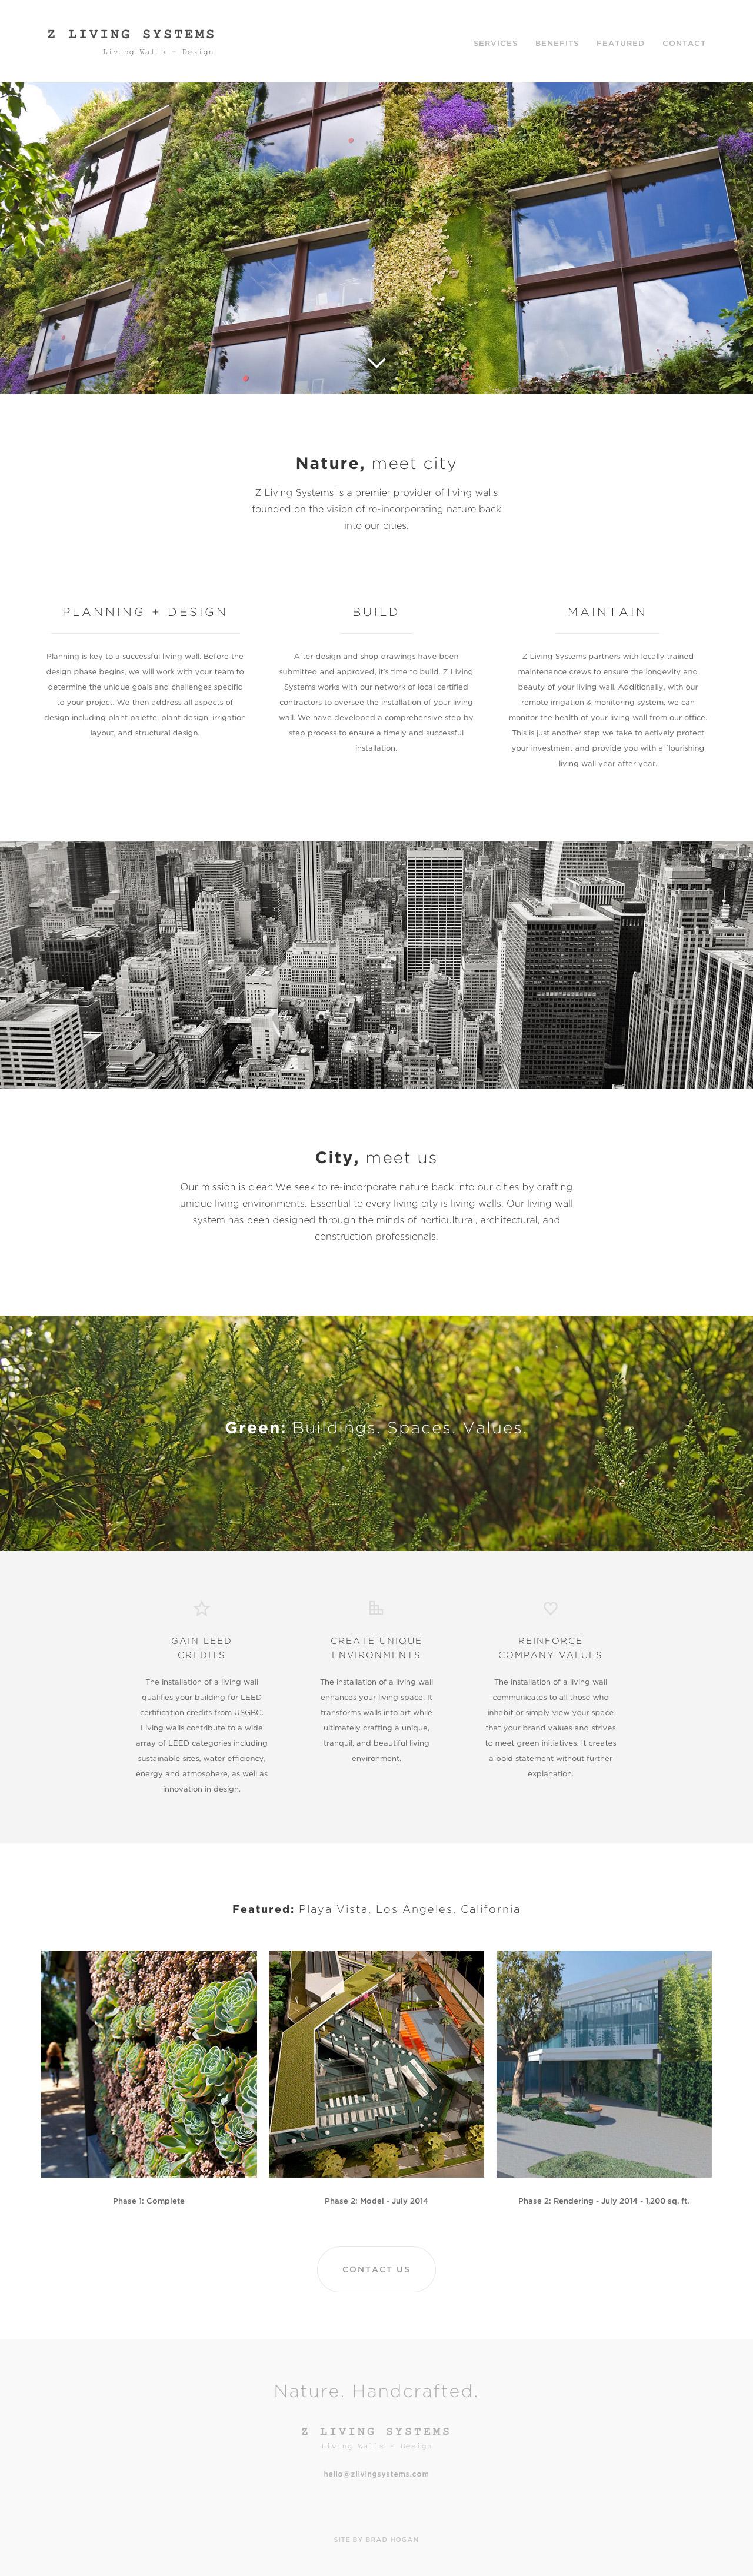 Z Living Systems Website Screenshot